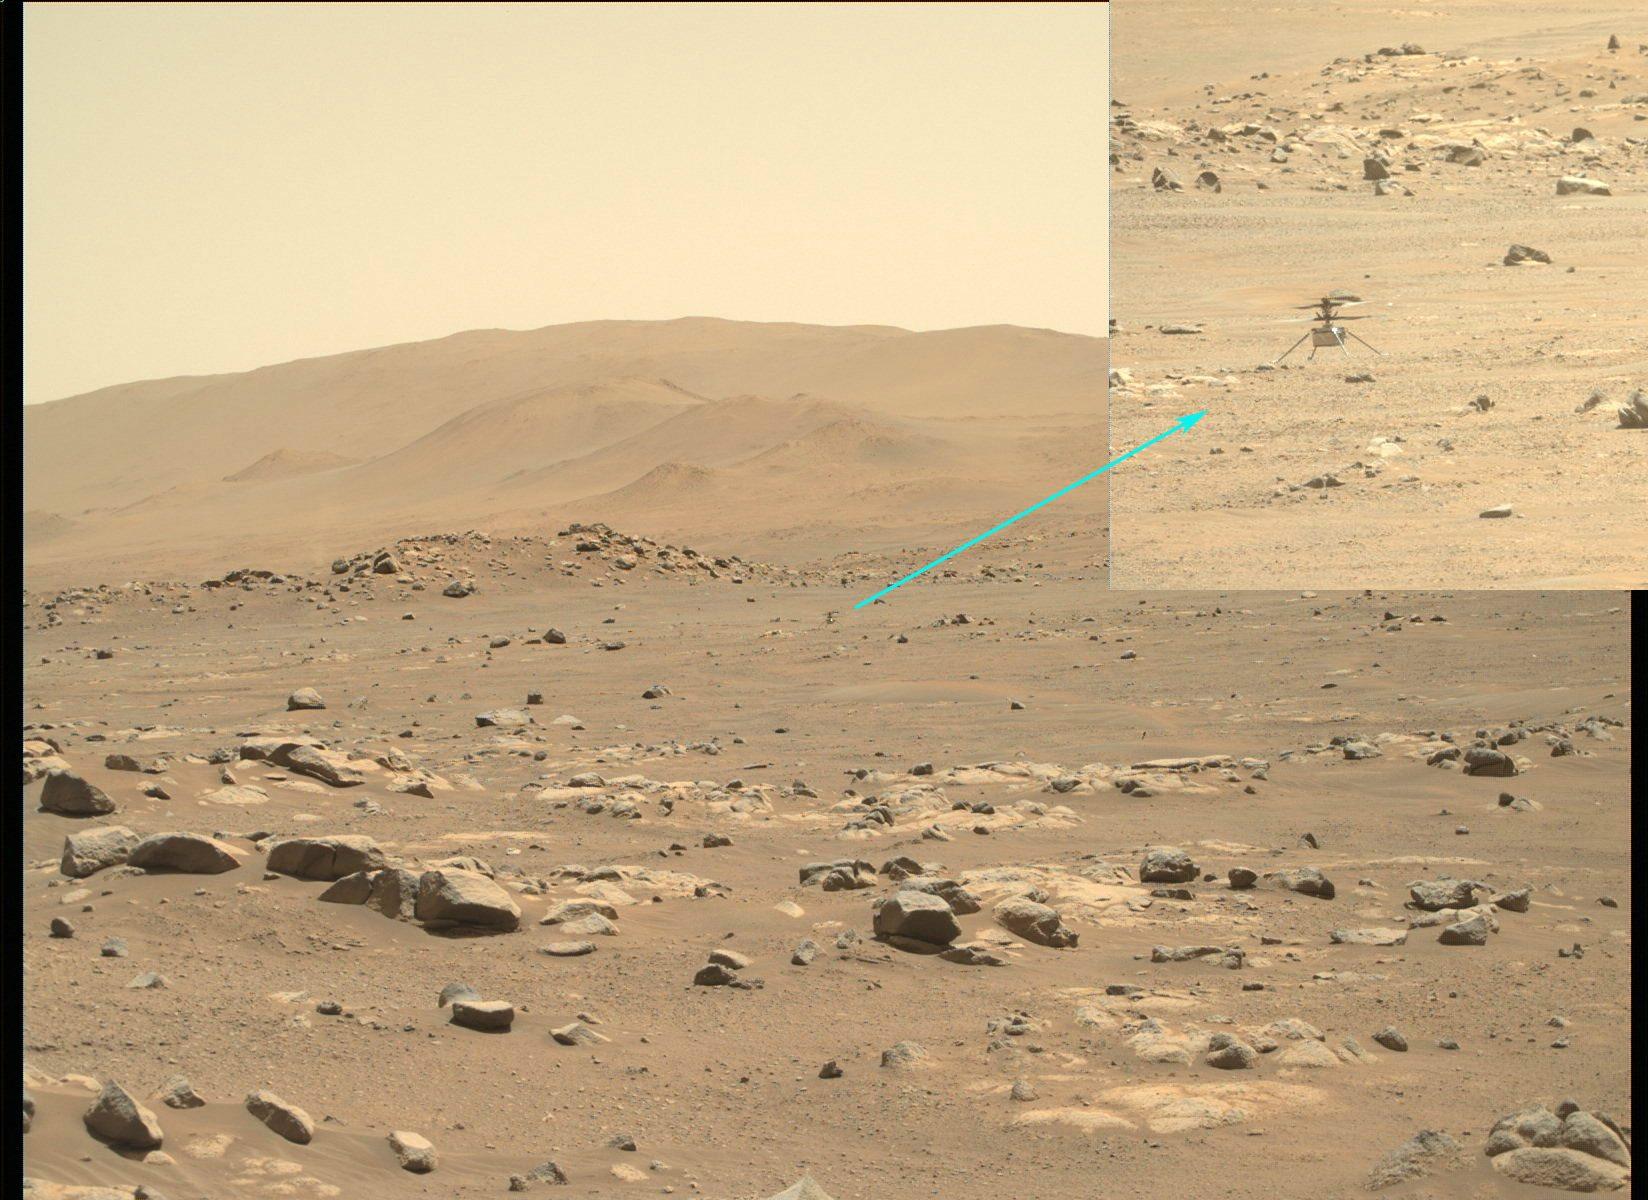 Την πέμπτη του πτήση στον πλανήτη Άρη πραγματοποίησε το «Ingenuity» της NASA